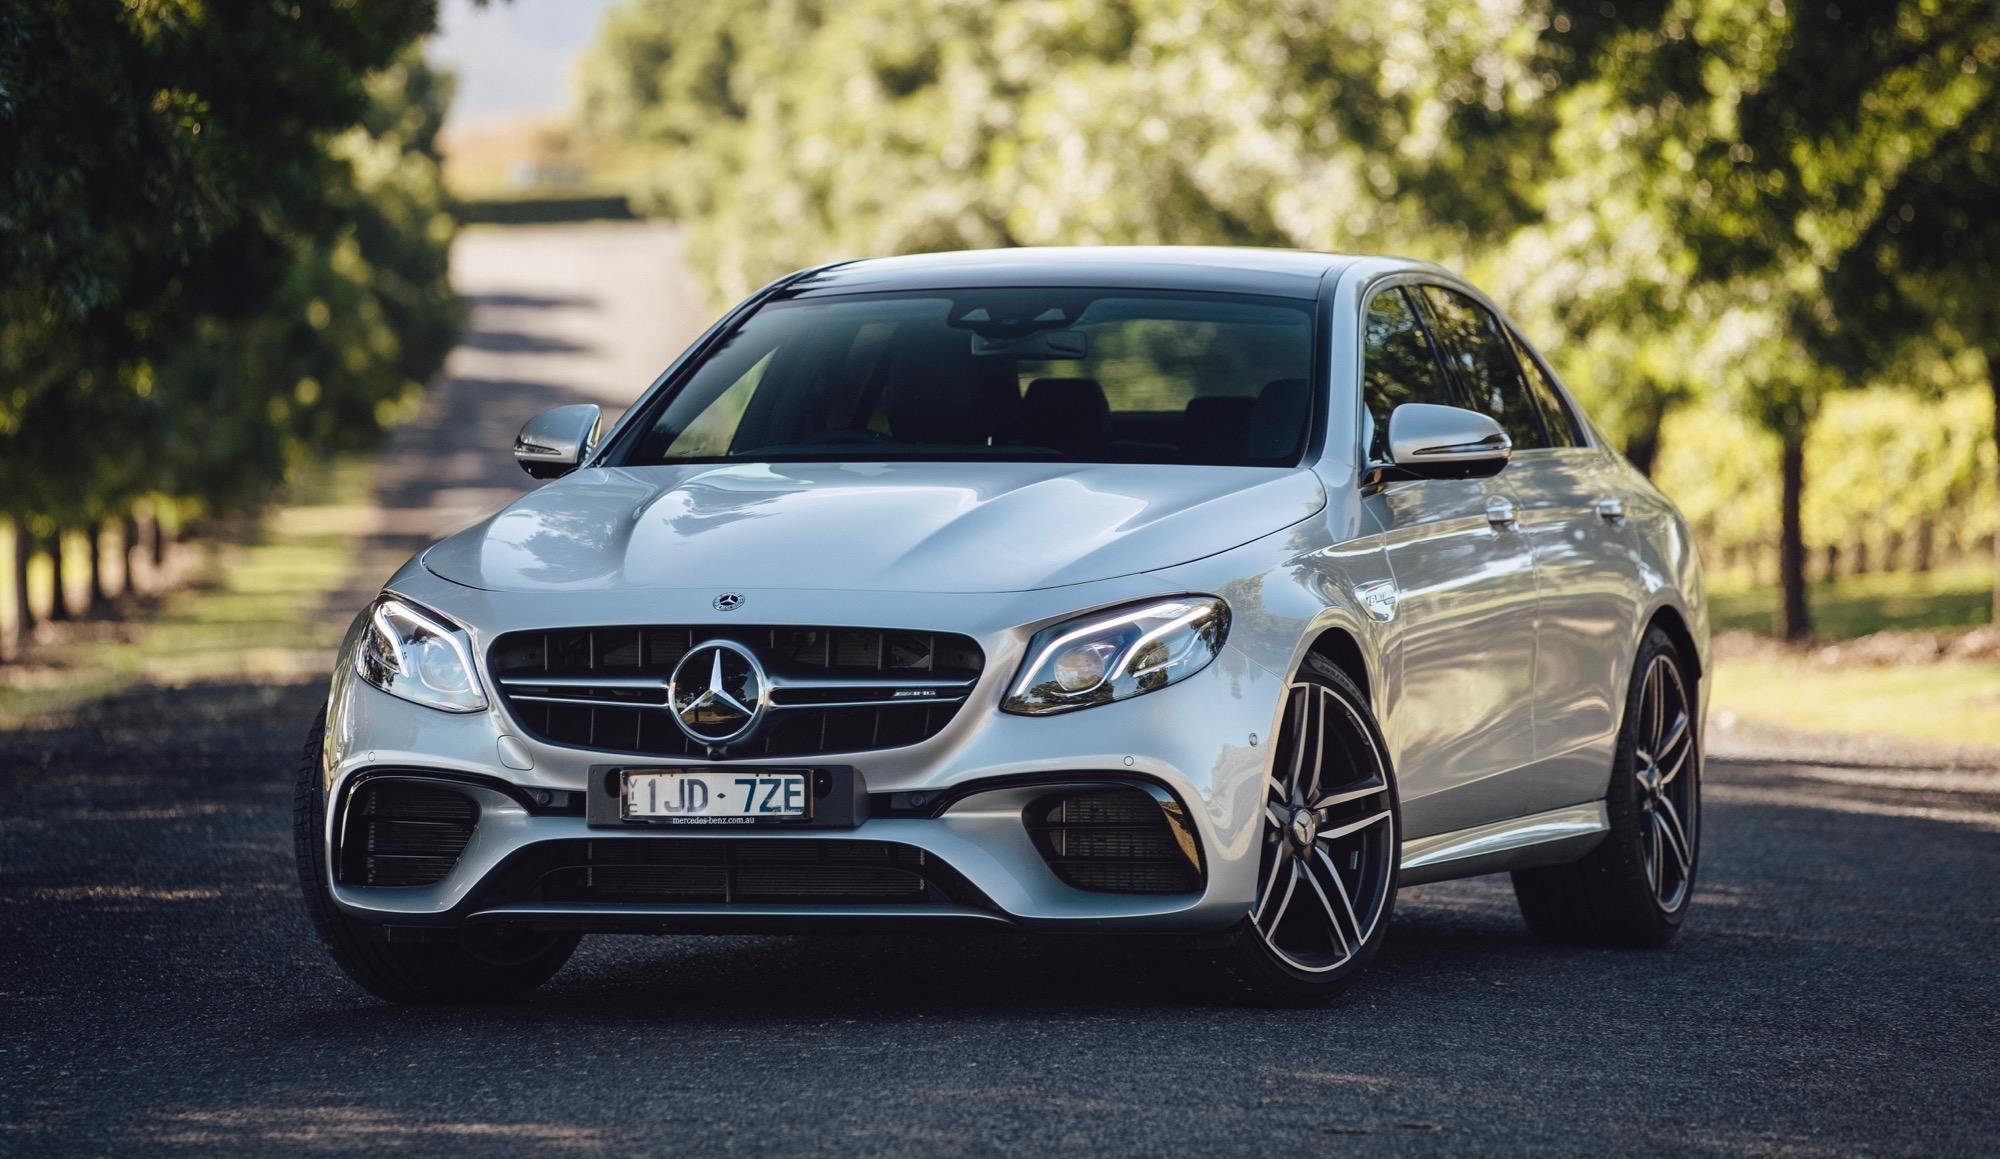 Mercedes E63 Amg >> 2018 Mercedes Amg E63 Review Caradvice